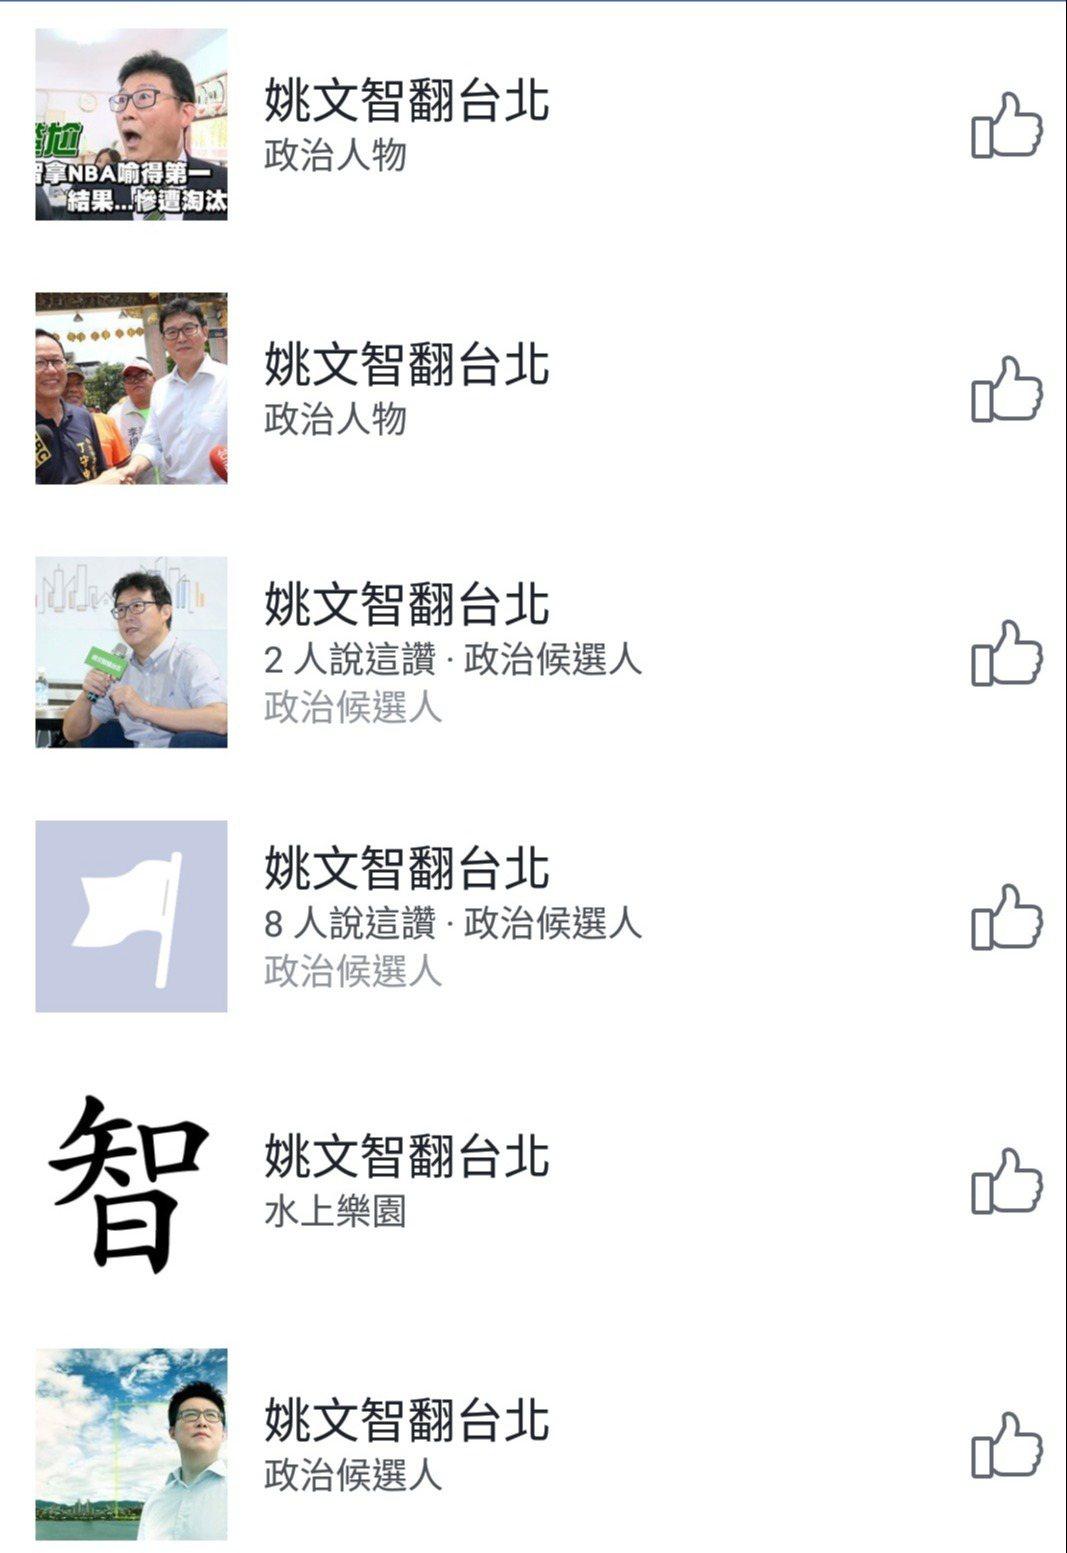 臉書出現逾10個山寨版粉絲頁「姚文智翻台北」。圖/翻攝自臉書